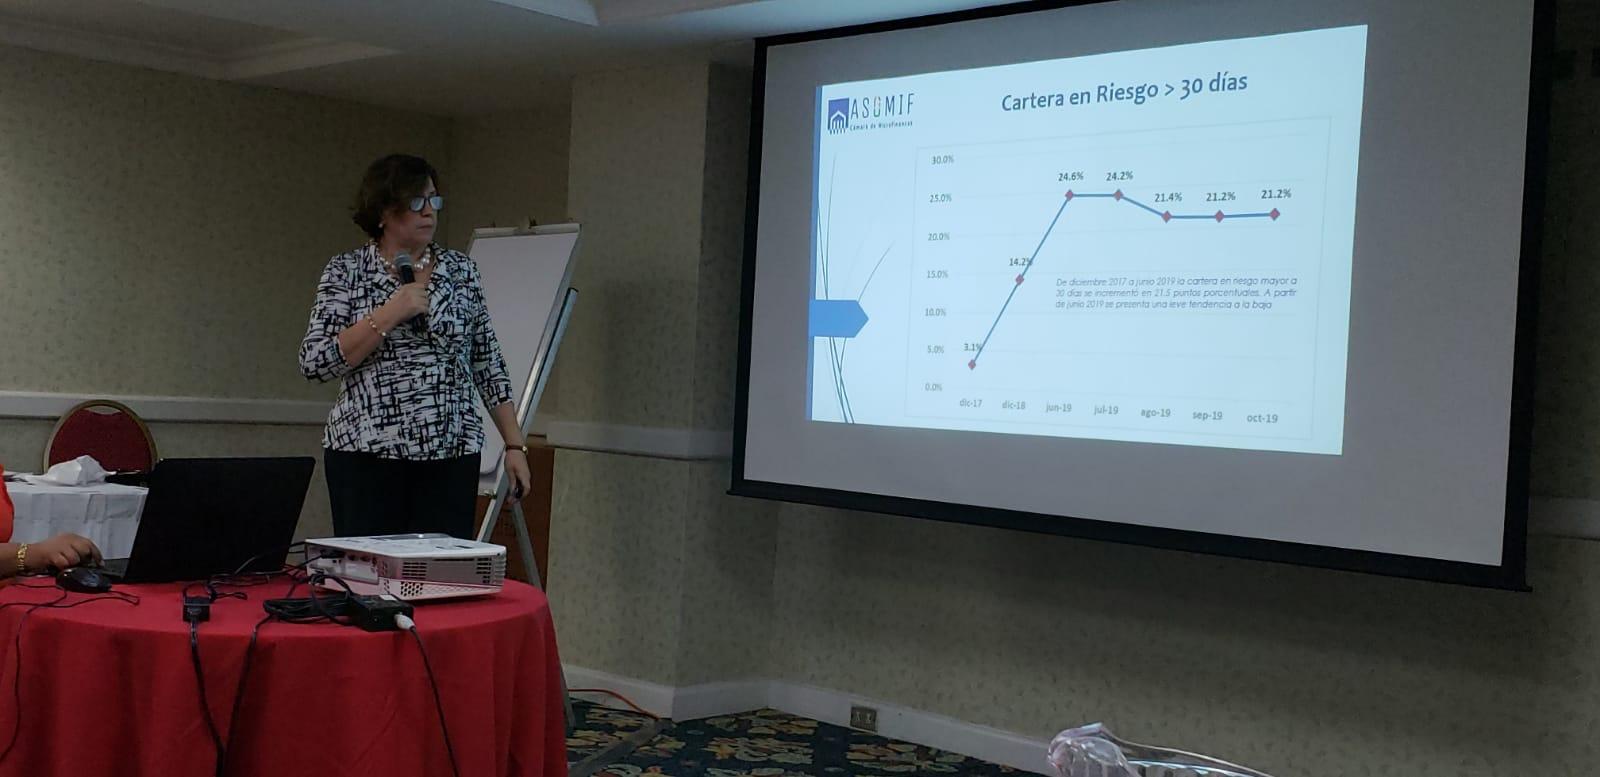 Sharon Riguero, directora ejecutiva de Asomif. Foto: Geovanny Shiffman/Artículo 66